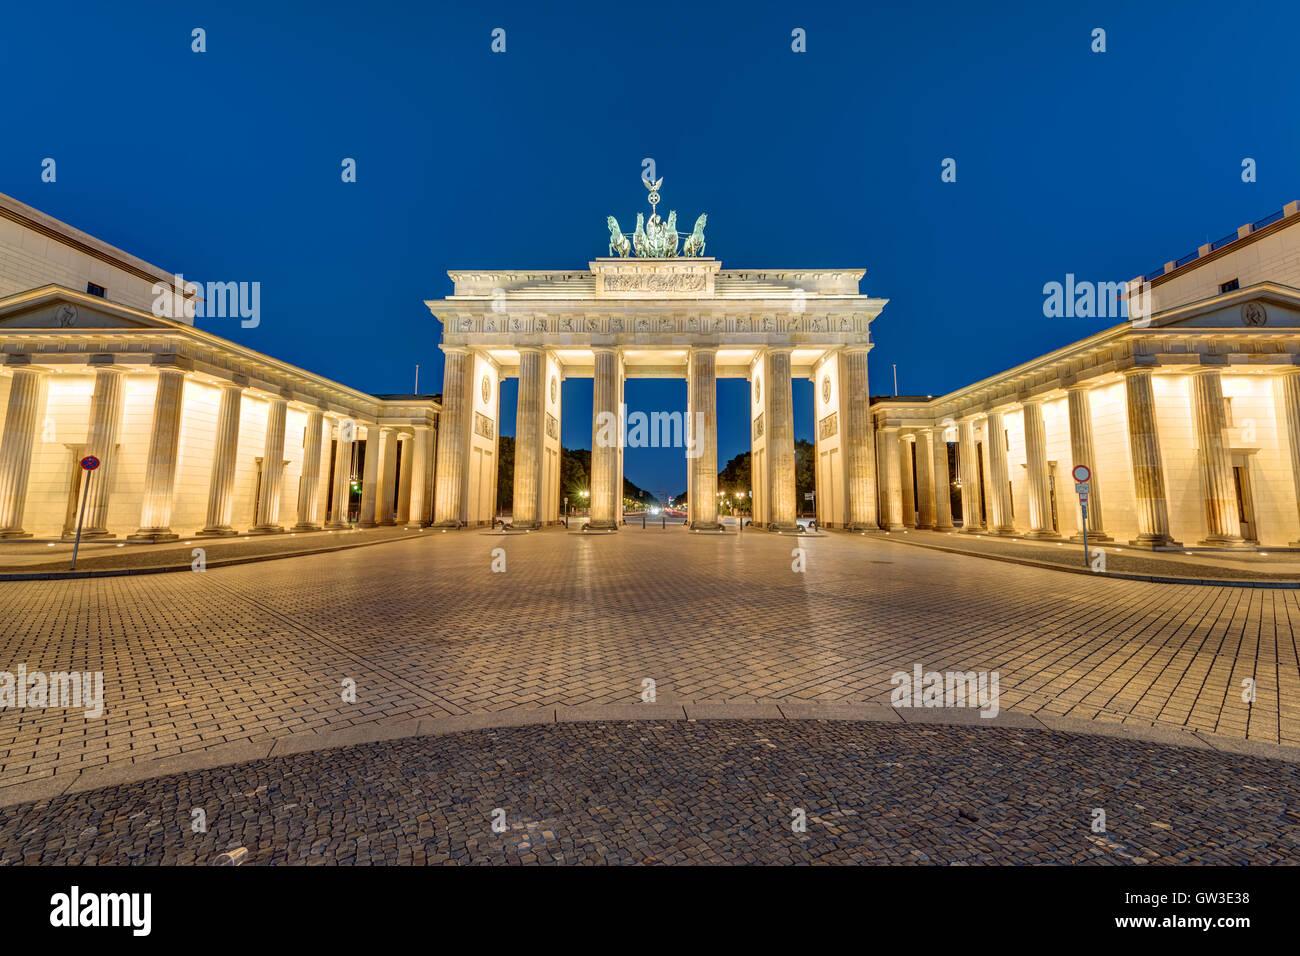 Das berühmte Brandenburger Tor in Berlin, Deutschland, in der Nacht Stockbild